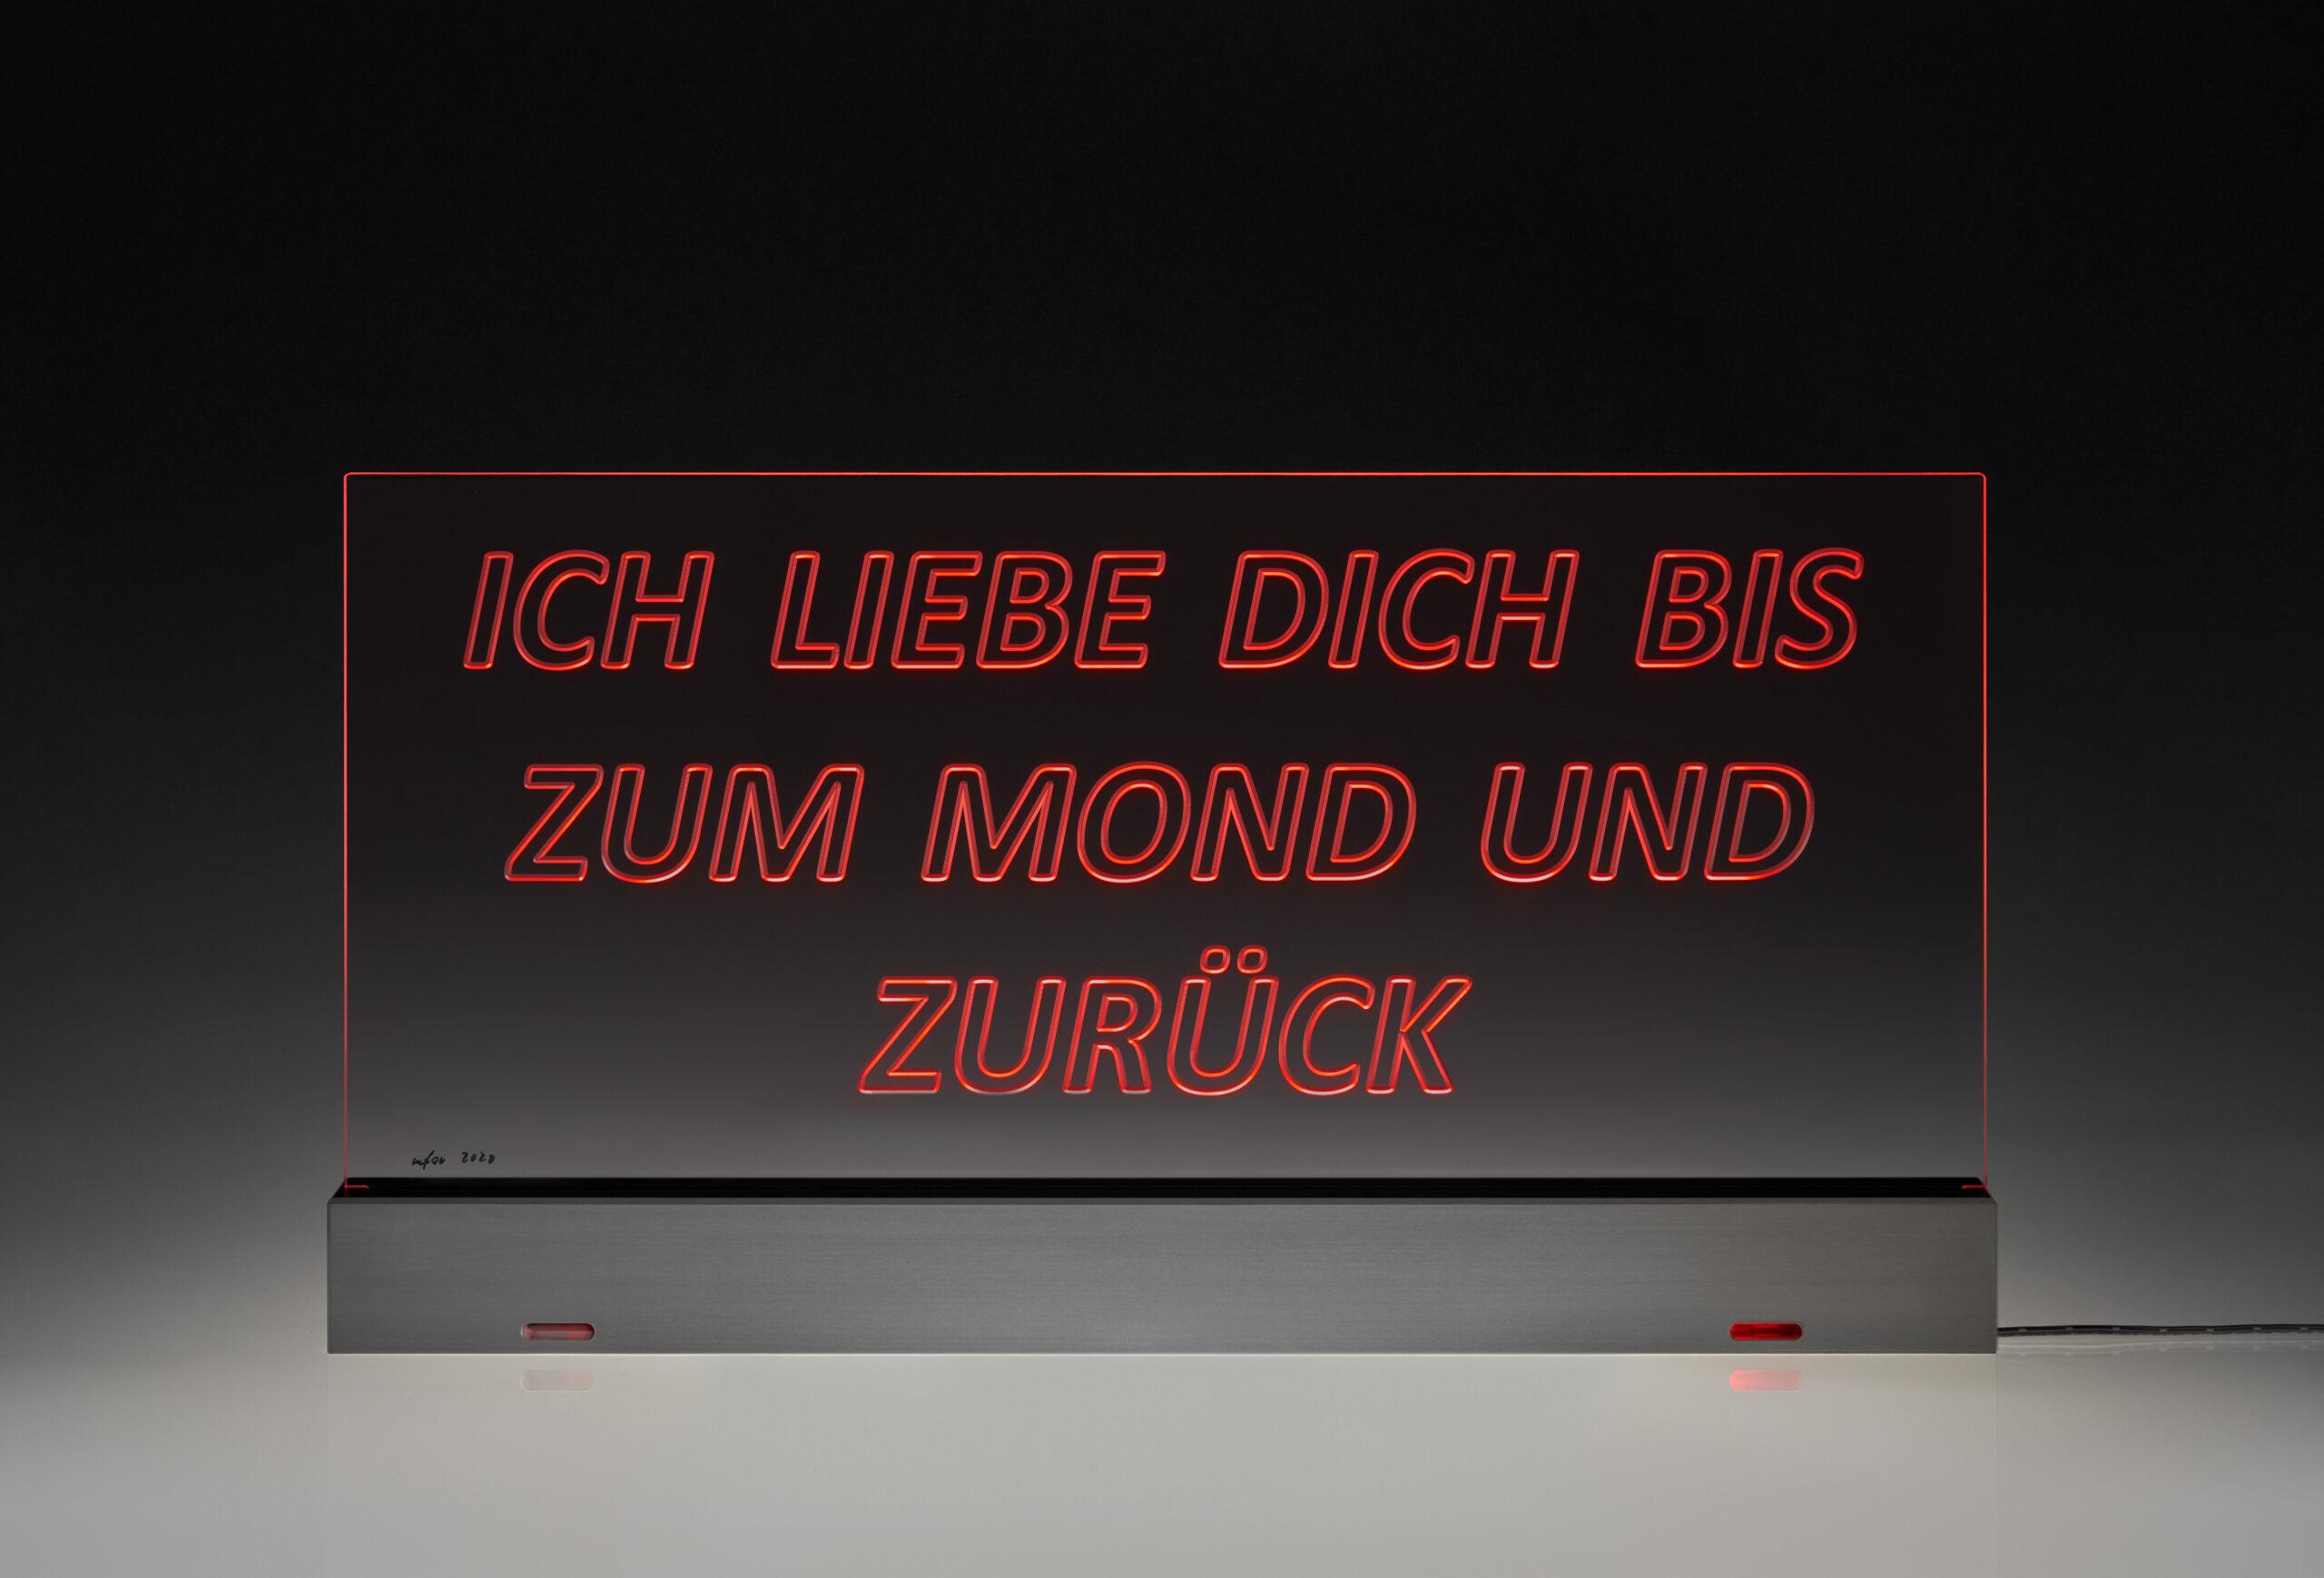 mfar_2163_ICHLIEBEDICHBISZUMMOND_dunkel_red